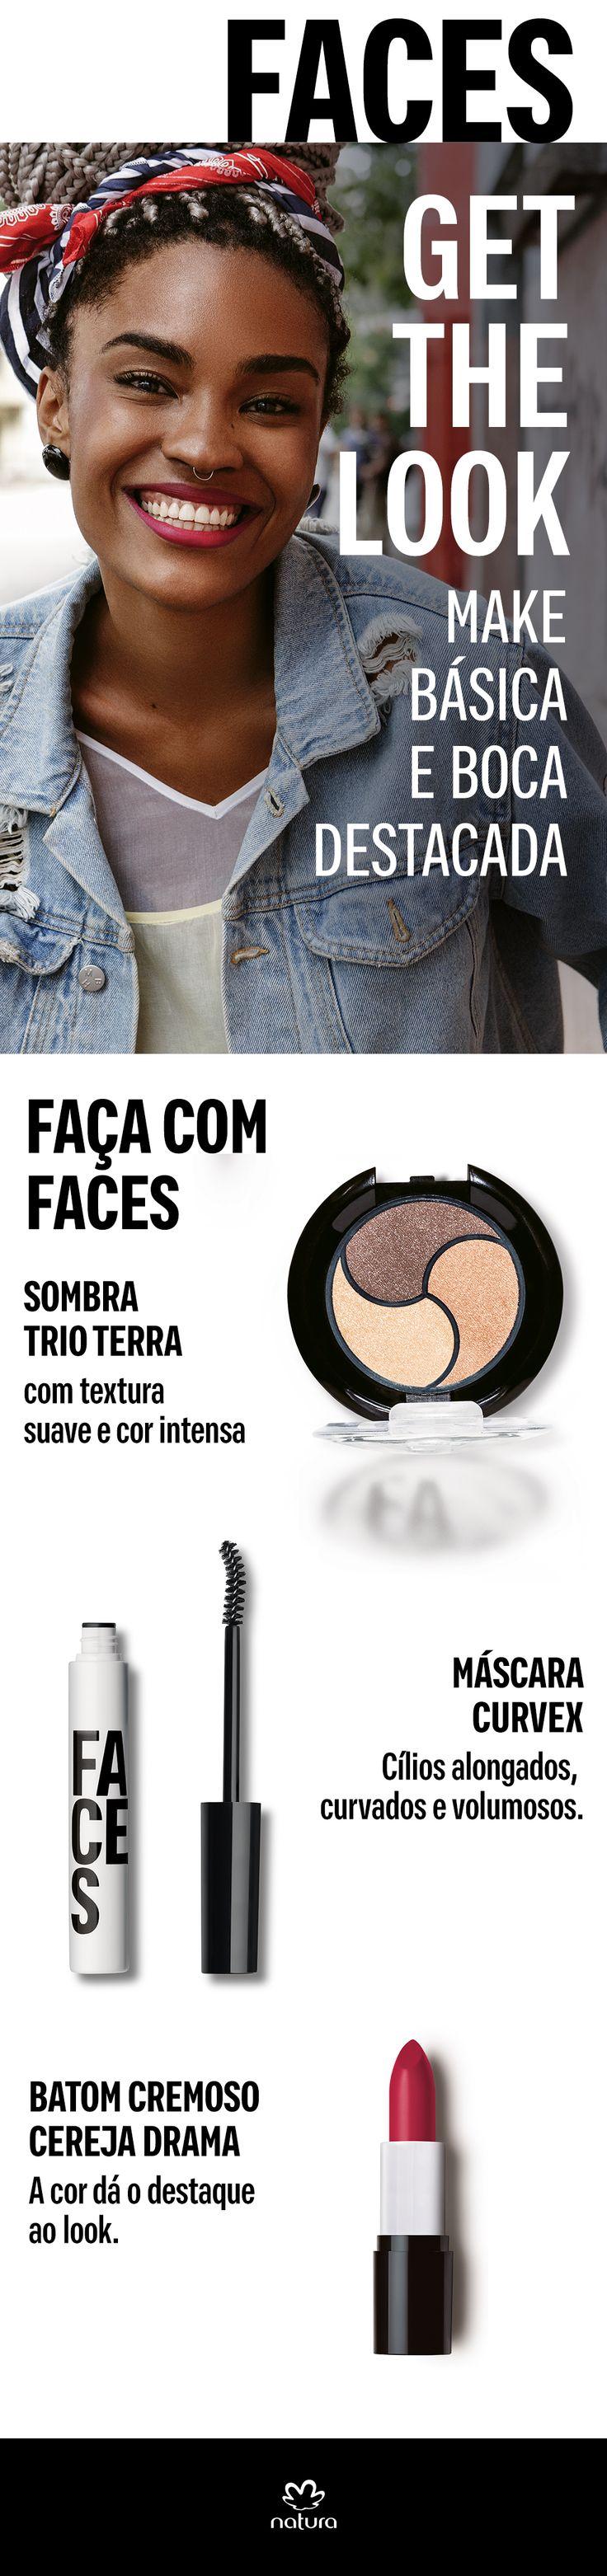 Um look básico é tudo, ainda mais com um toque especial do batom vermelho. Faça com os produtos de Faces: Sombra trio terra, Máscara curvex e Batom cremoso cereja drama.